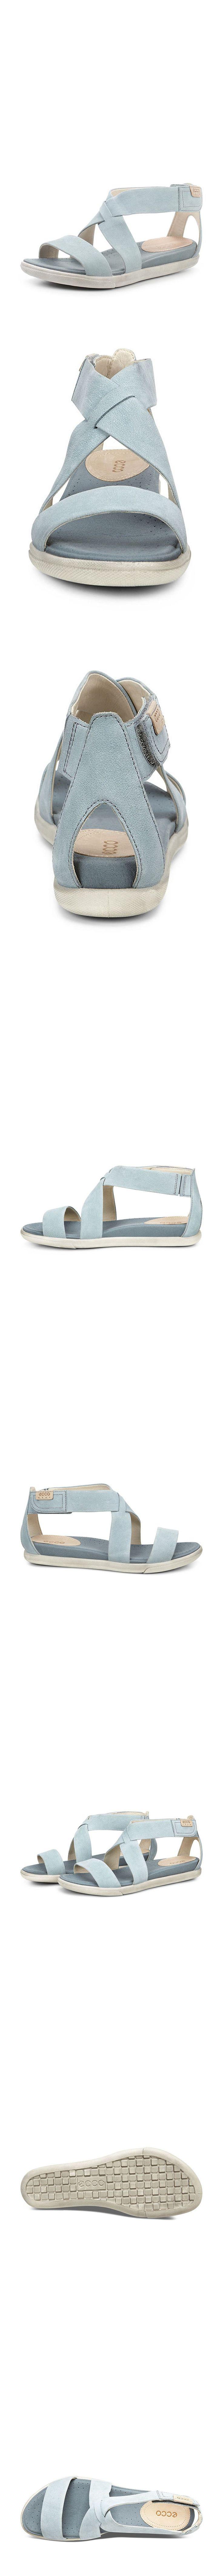 Женская обувь сандалии DAMARA SANDAL ECCO за 5990.00 руб.